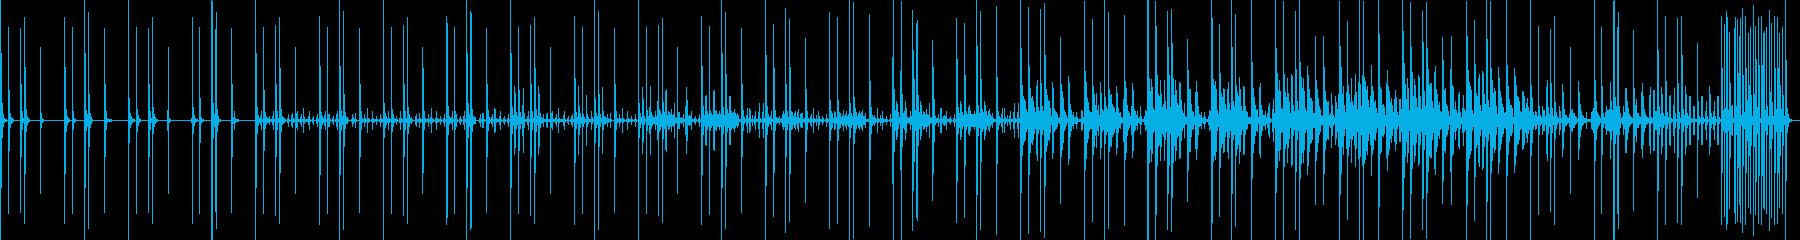 KANTハンズクラップジングル3の再生済みの波形